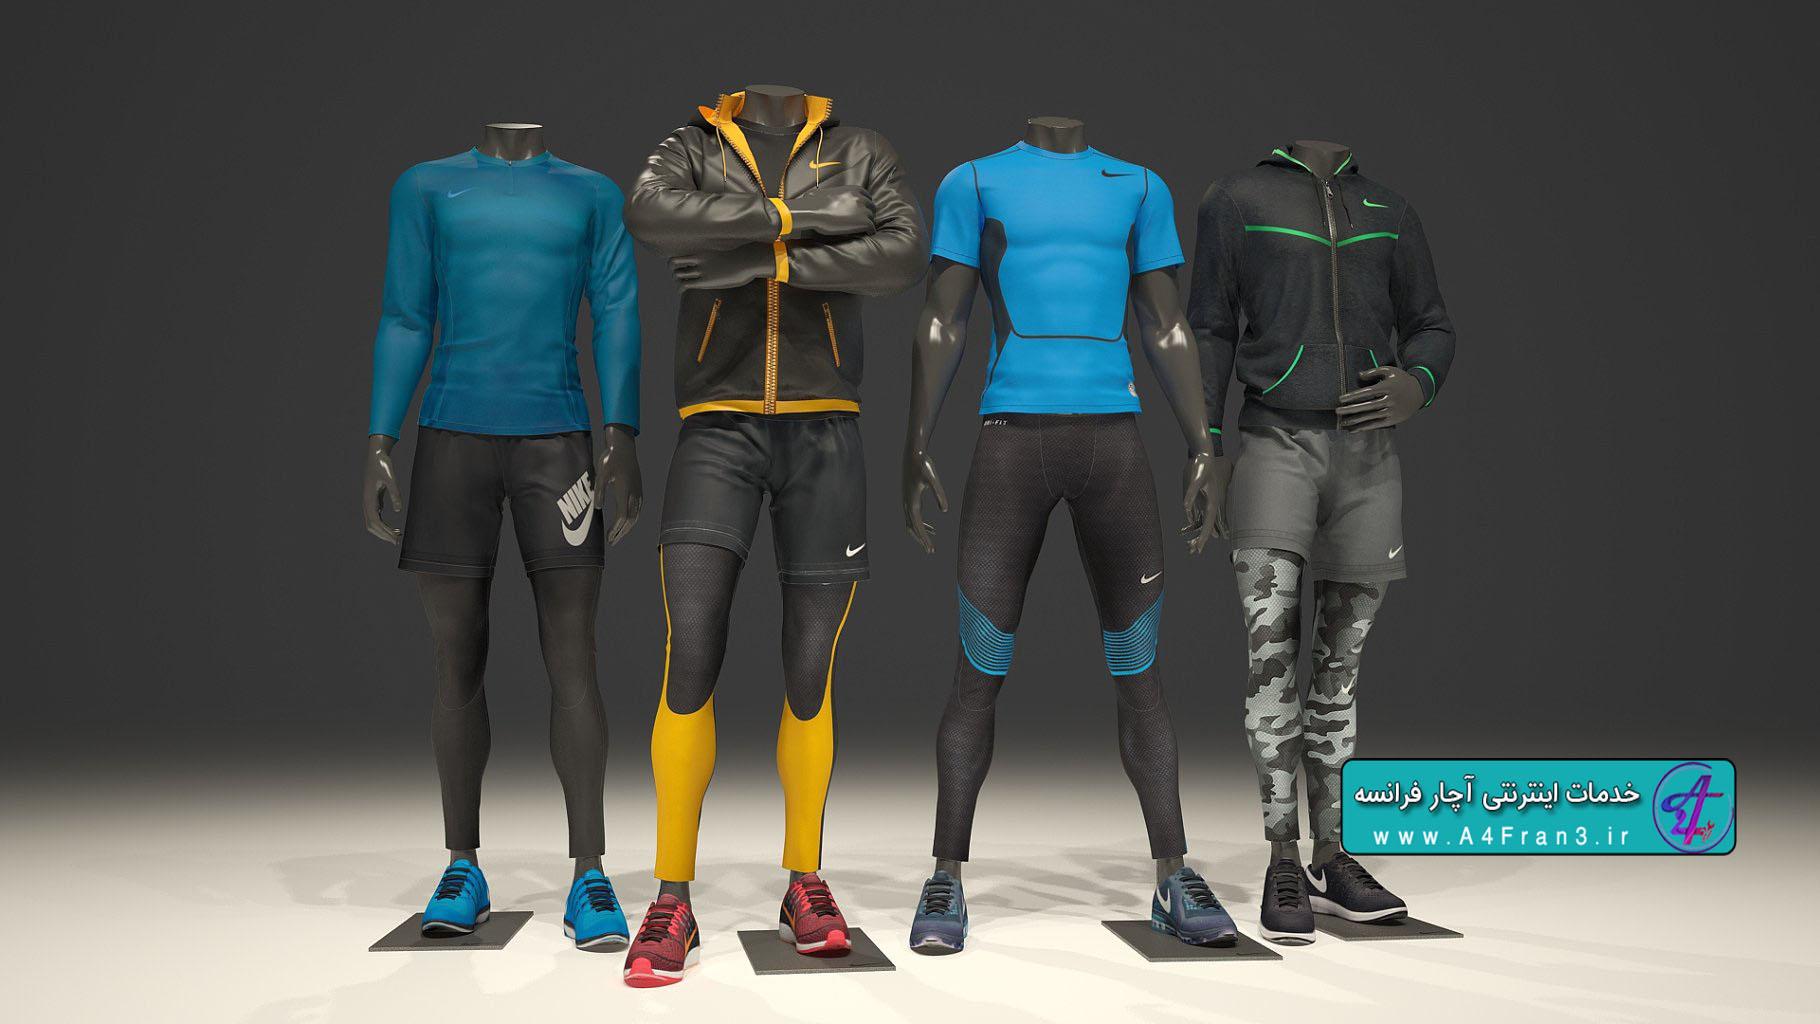 دانلود مدل سه بعدی لباس های فوتبالی نایکی MALE MANNEQUIN NIKE